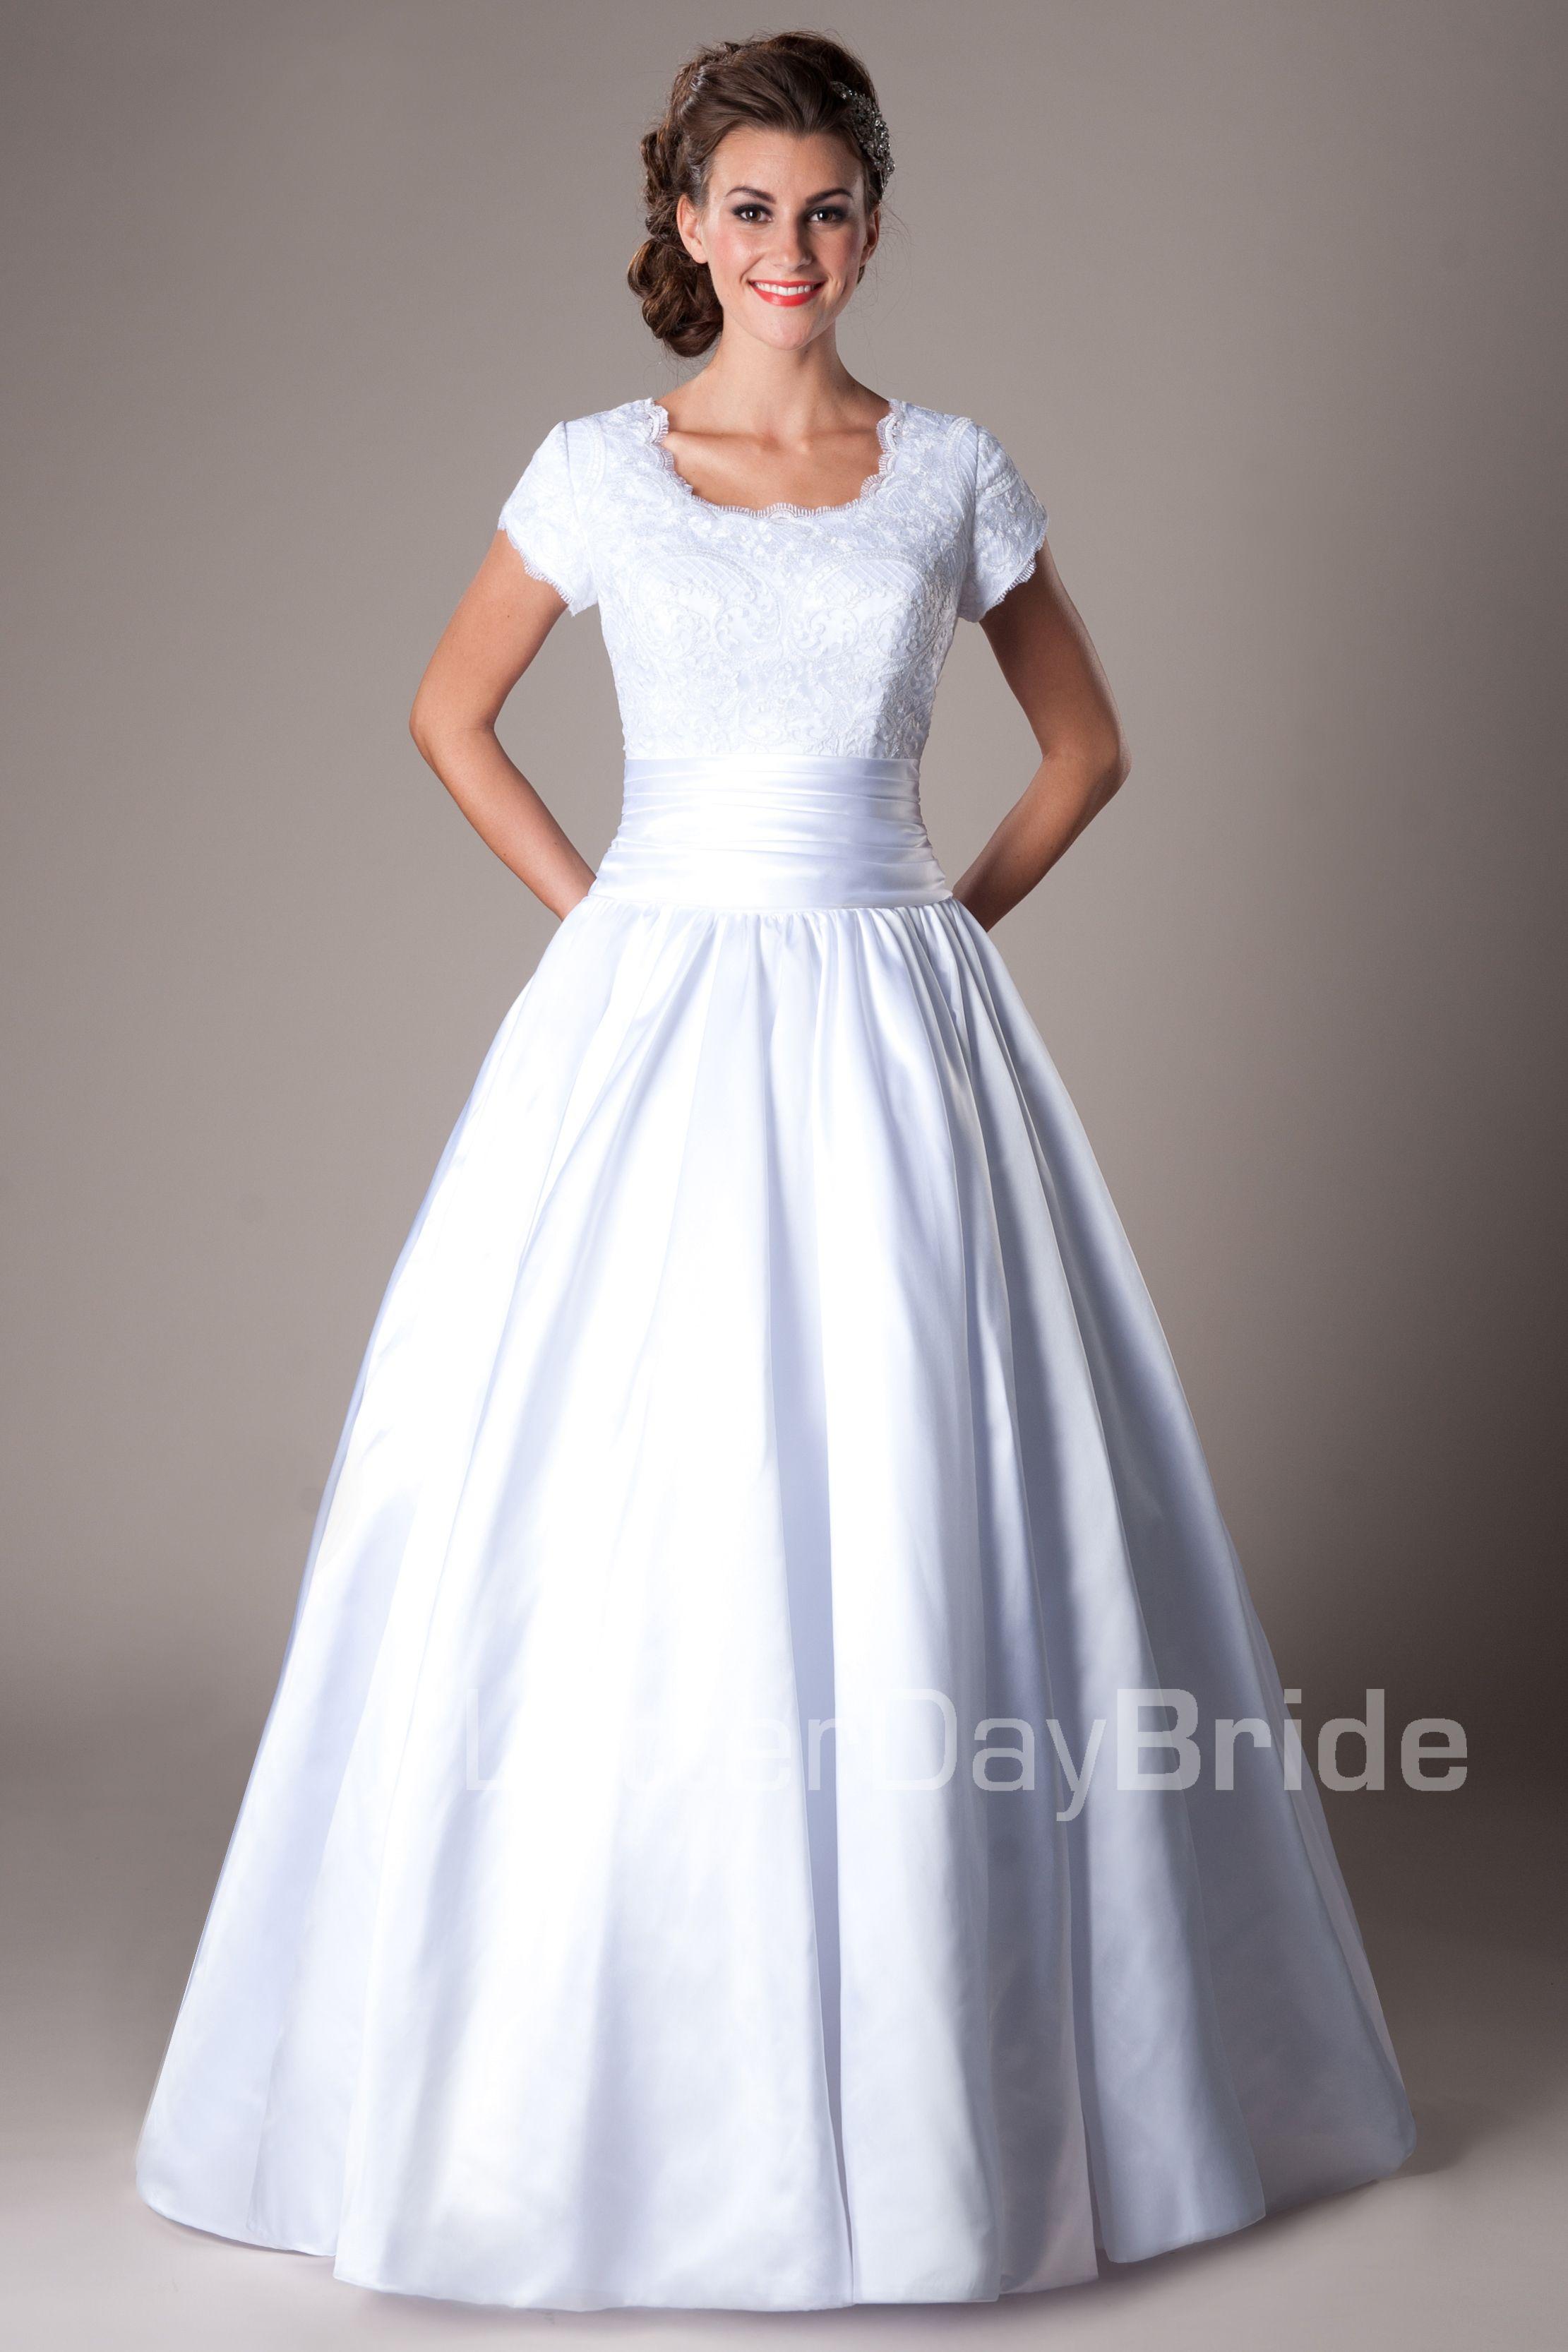 Modest Wedding Dresses : Mormon LDS Temple Marriage - Castleford ...